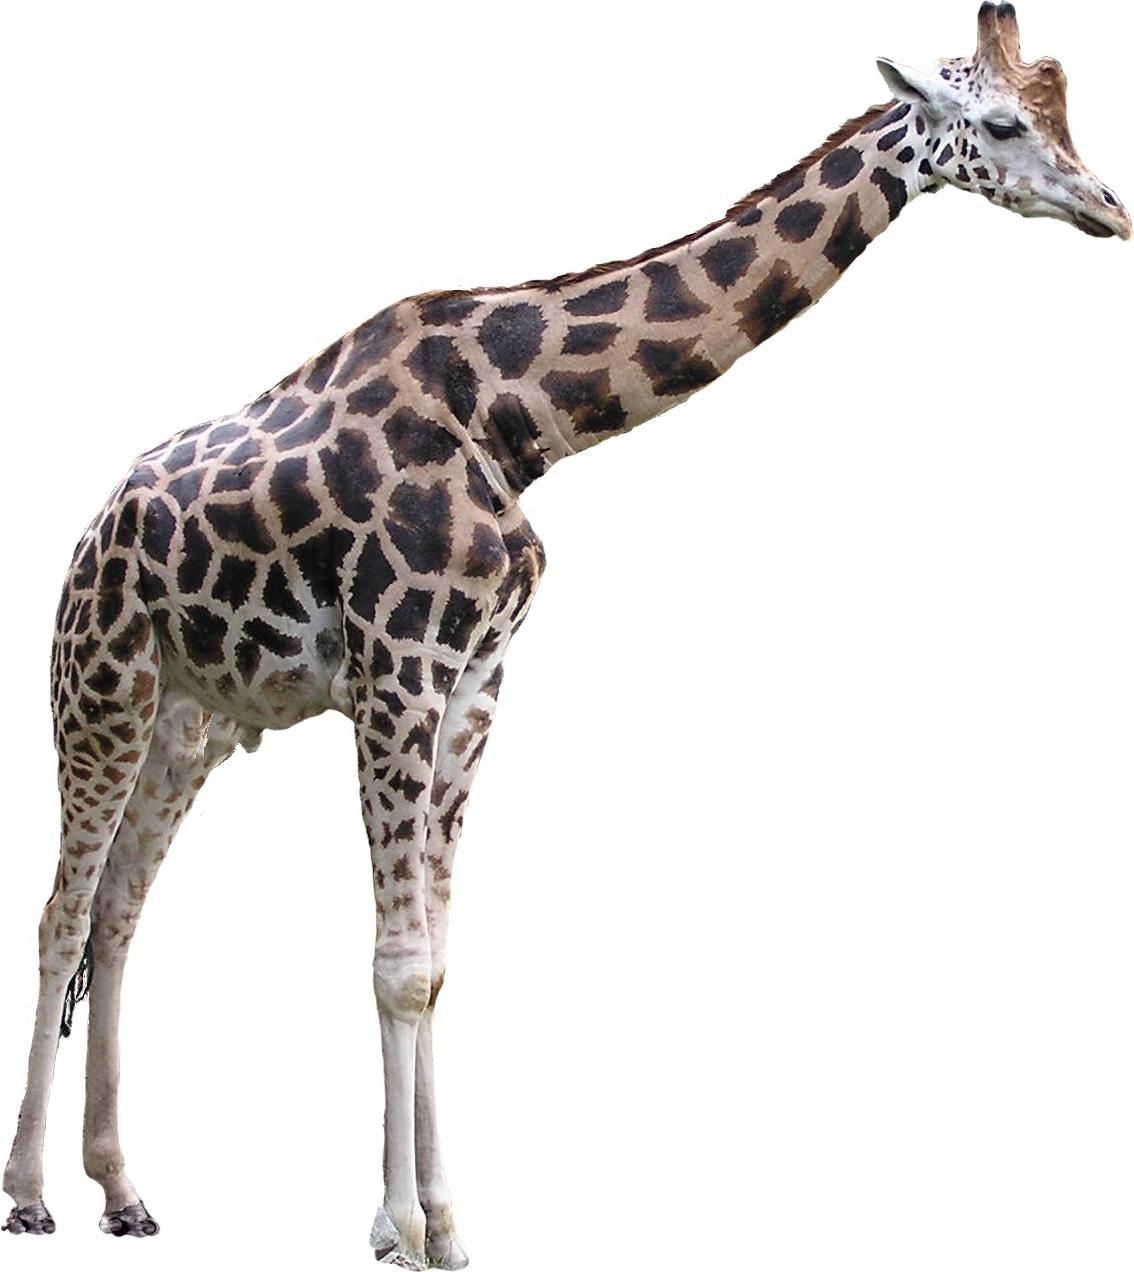 Giraffe HD PNG - 119709